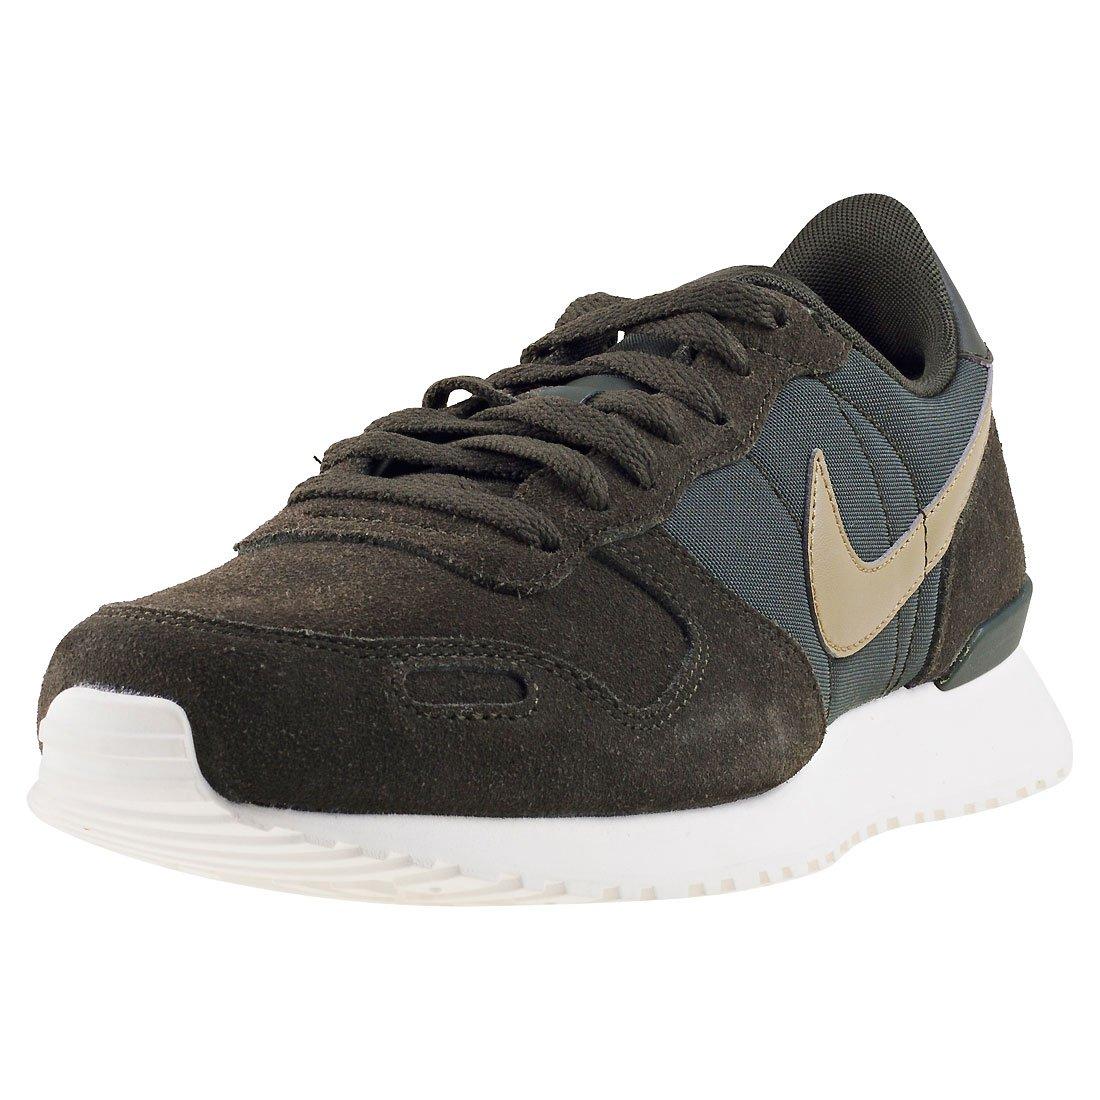 Nike Air Vrtx LTR Zapatillas de Running para Hombre EU